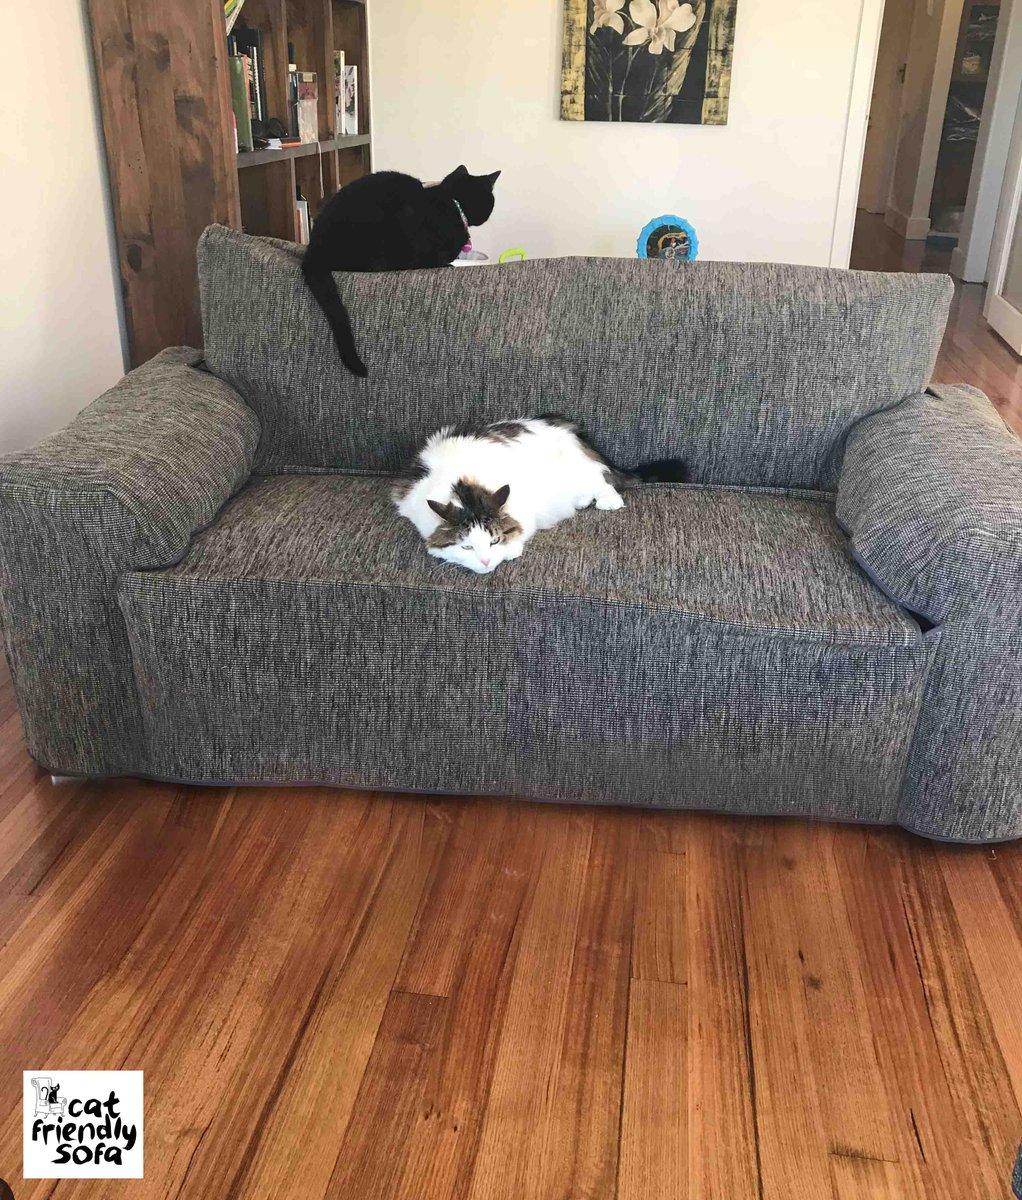 Cat Friendly Sofa CatFriendlySofa Twitter